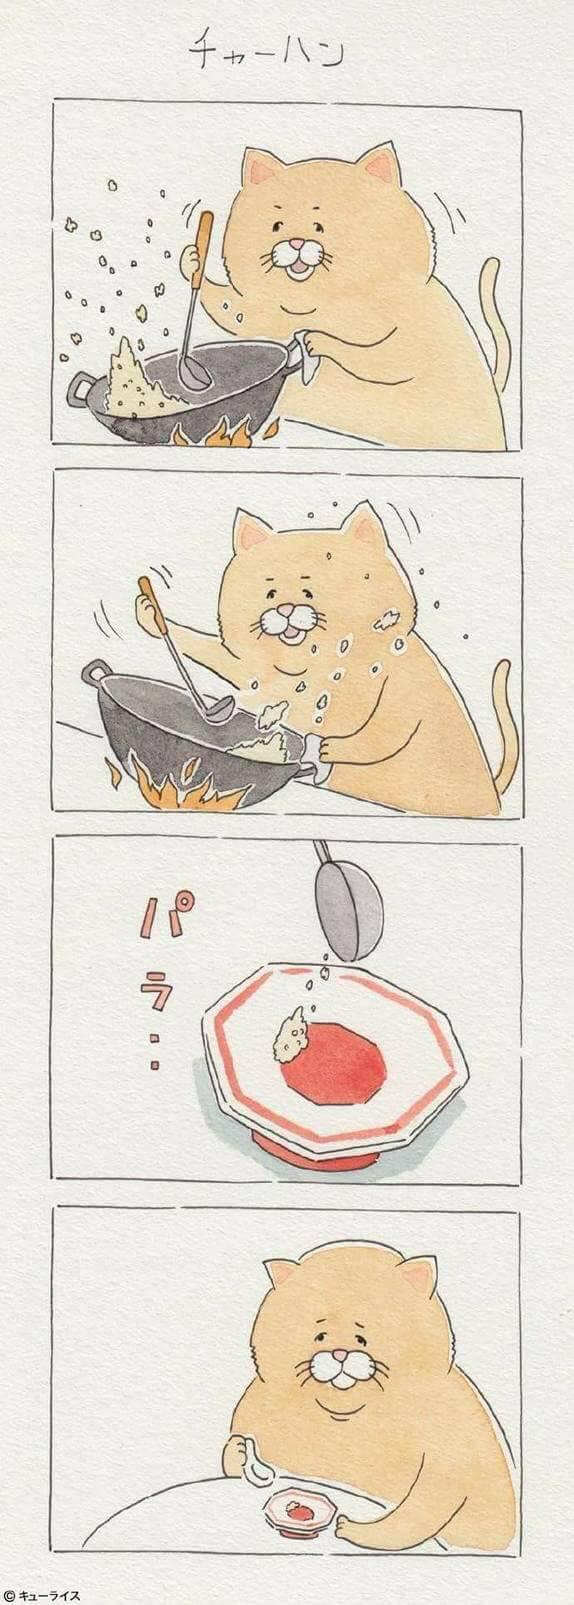 Khi mèo ăn uống như con người và cũng gặp tai nạn dở khóc dở cười chẳng kém ai! - Ảnh 17.